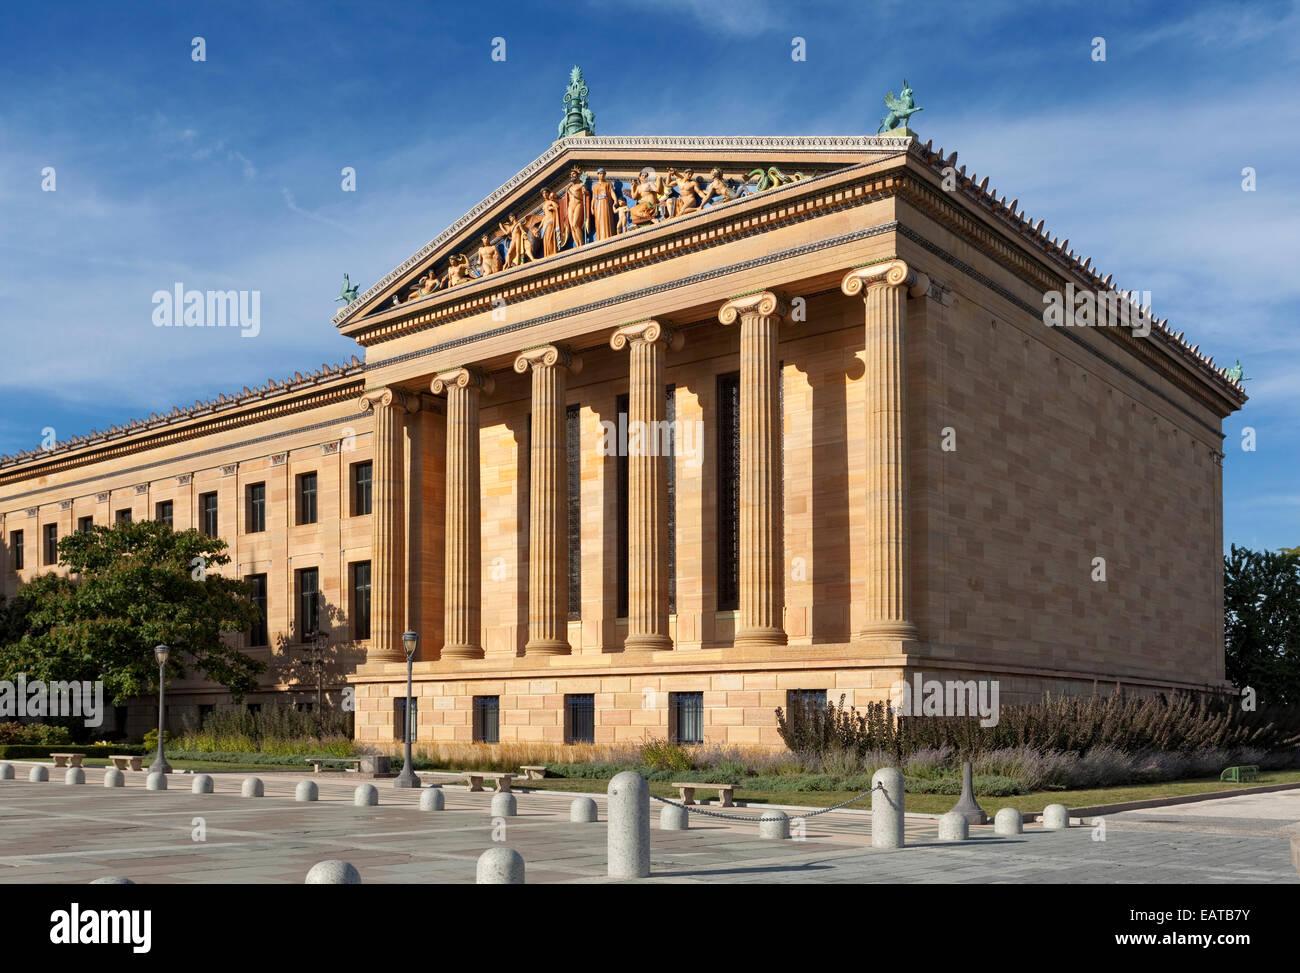 Classica architettura greca... Il Philadelphia Museum of Art è uno tra i più grandi musei di arte negli Immagini Stock